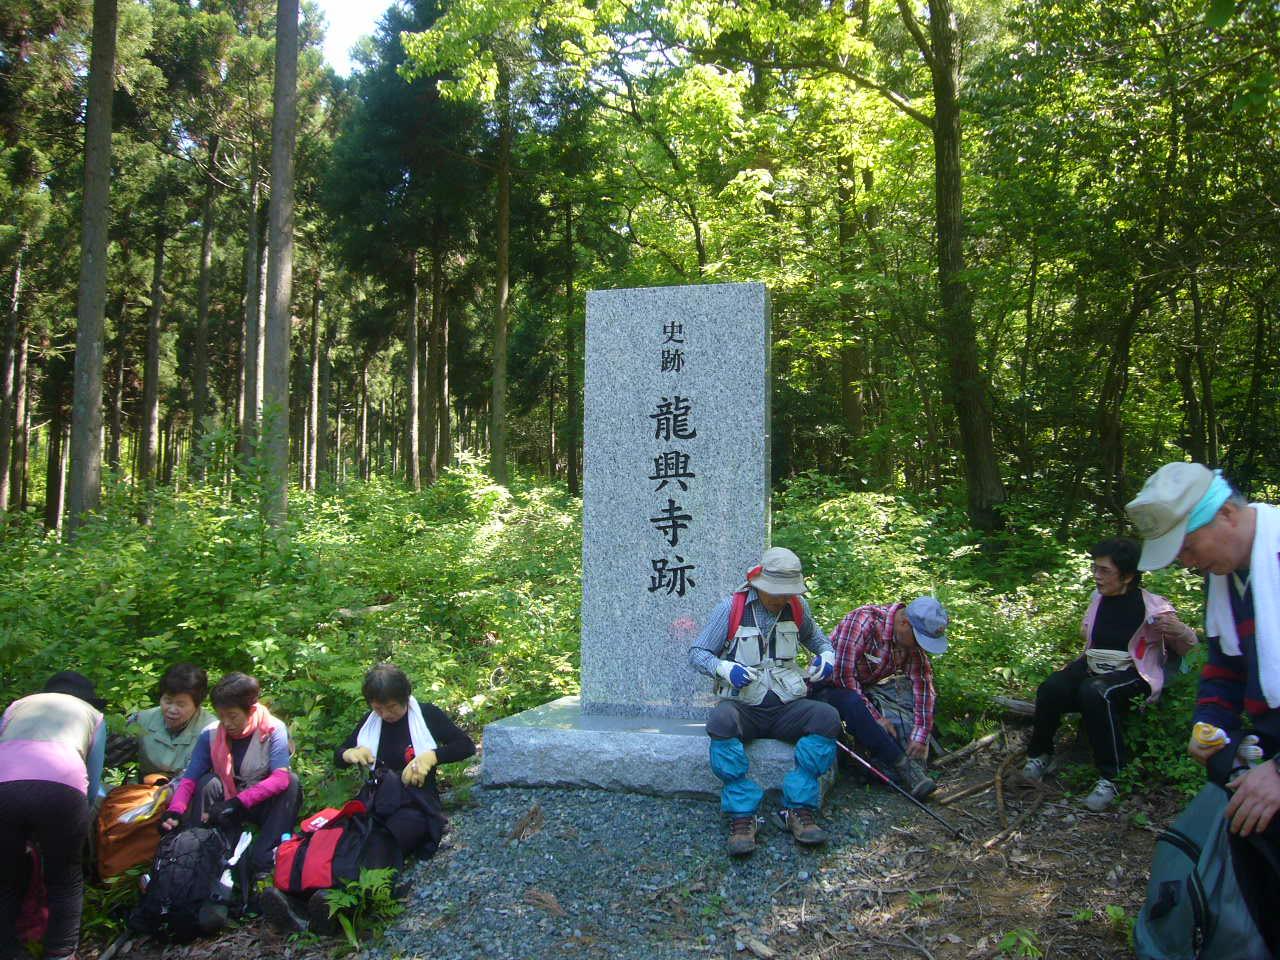 龍興寺跡H26.5.11撮影